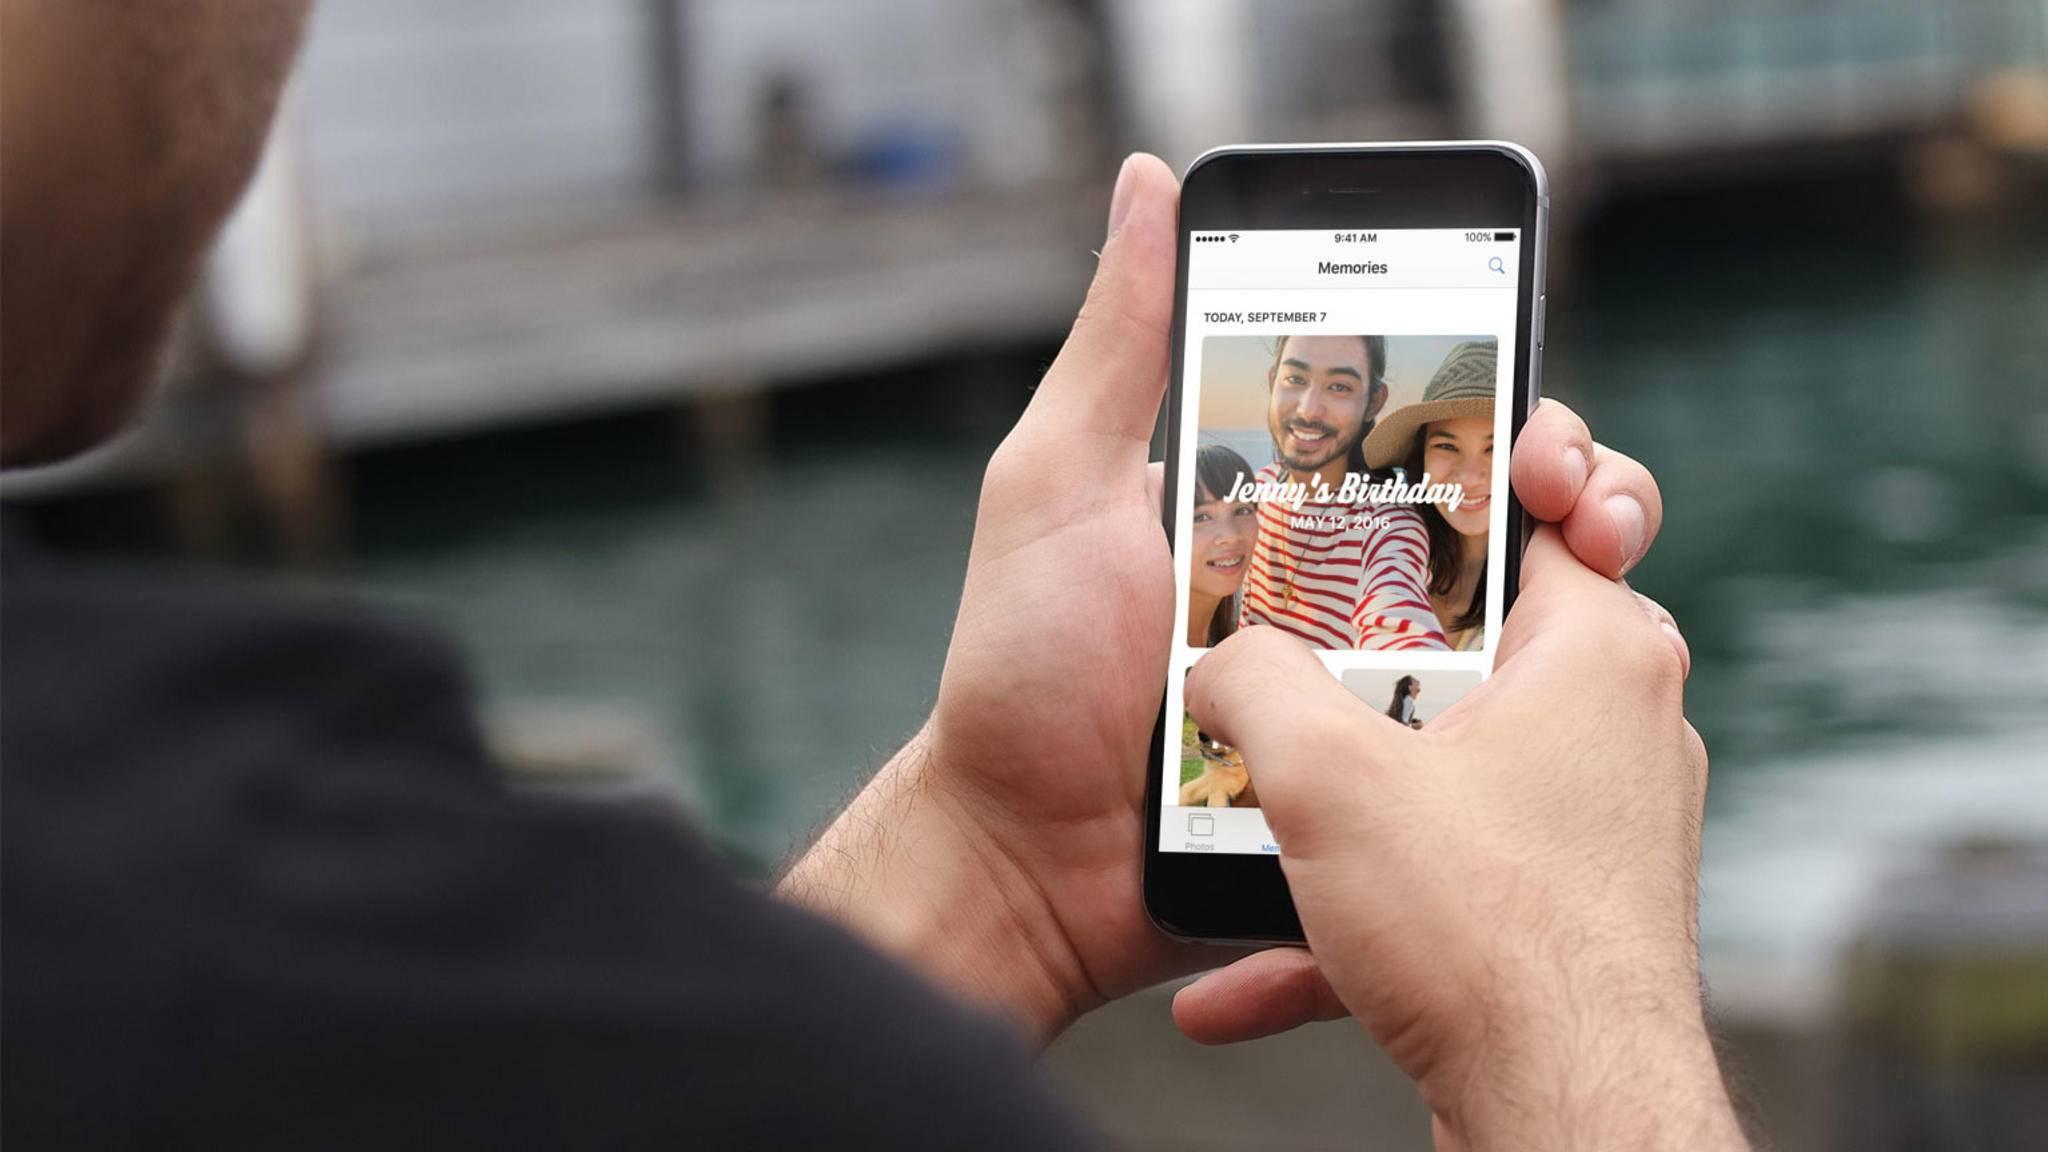 Um Bilder auf dem iPhone restlos zu löschen, reicht das einfache Entfernen nicht aus.